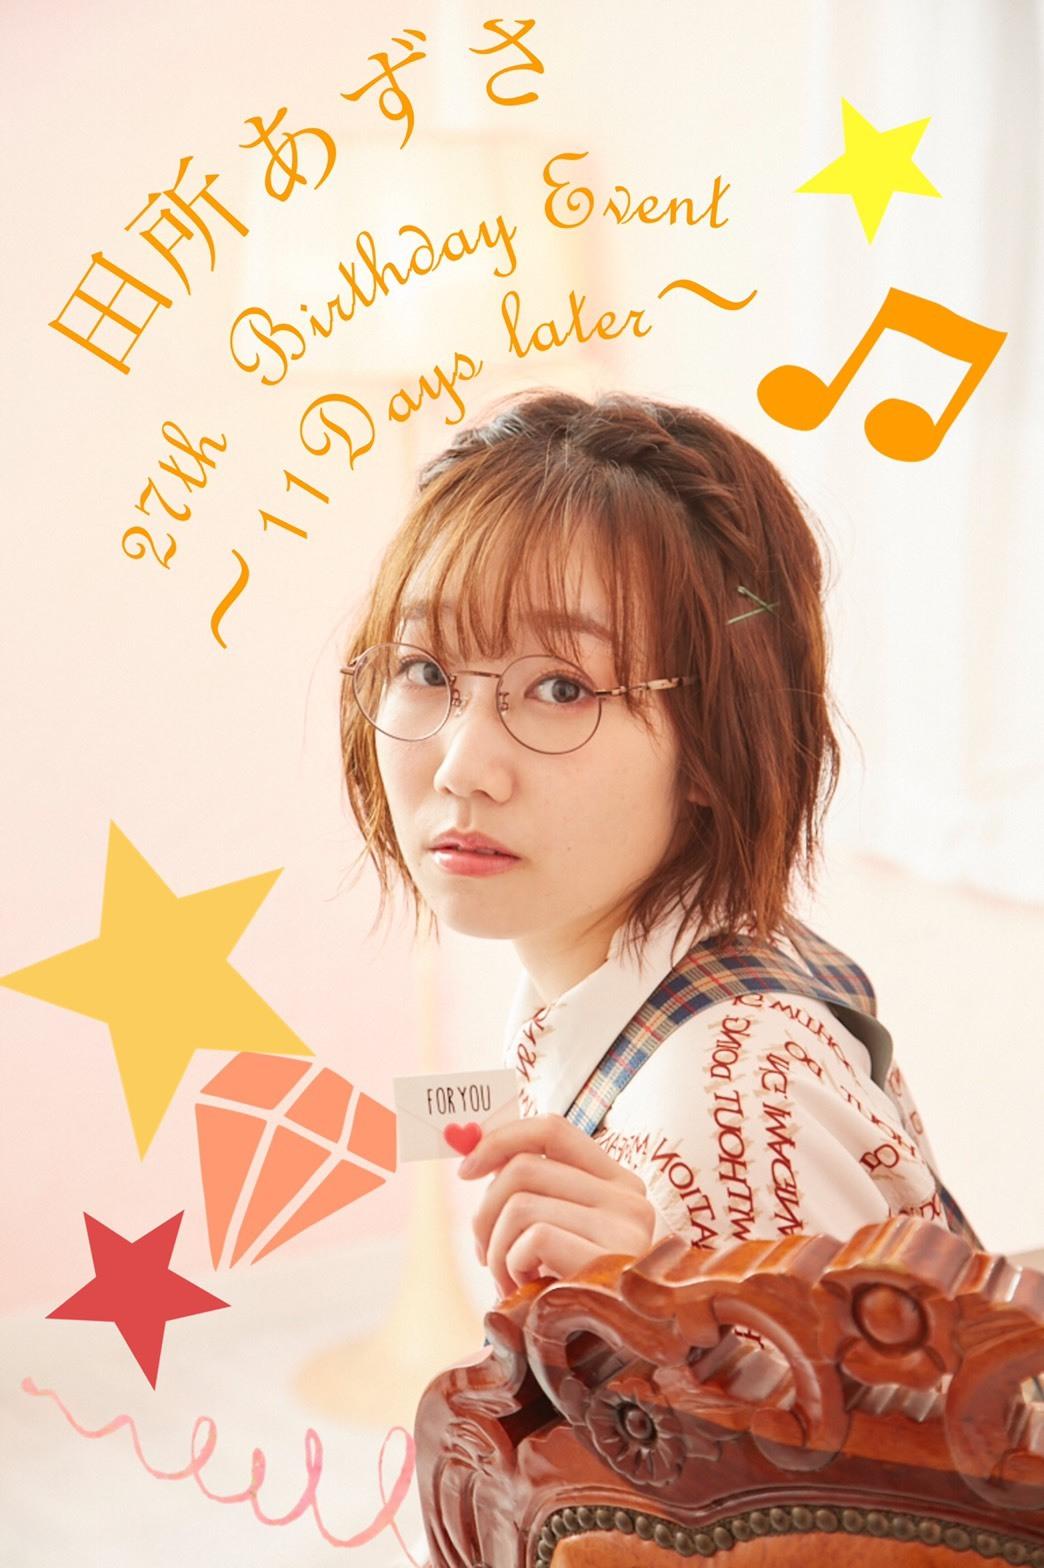 田所あずさ27th BirthDay Event ~11Days later~